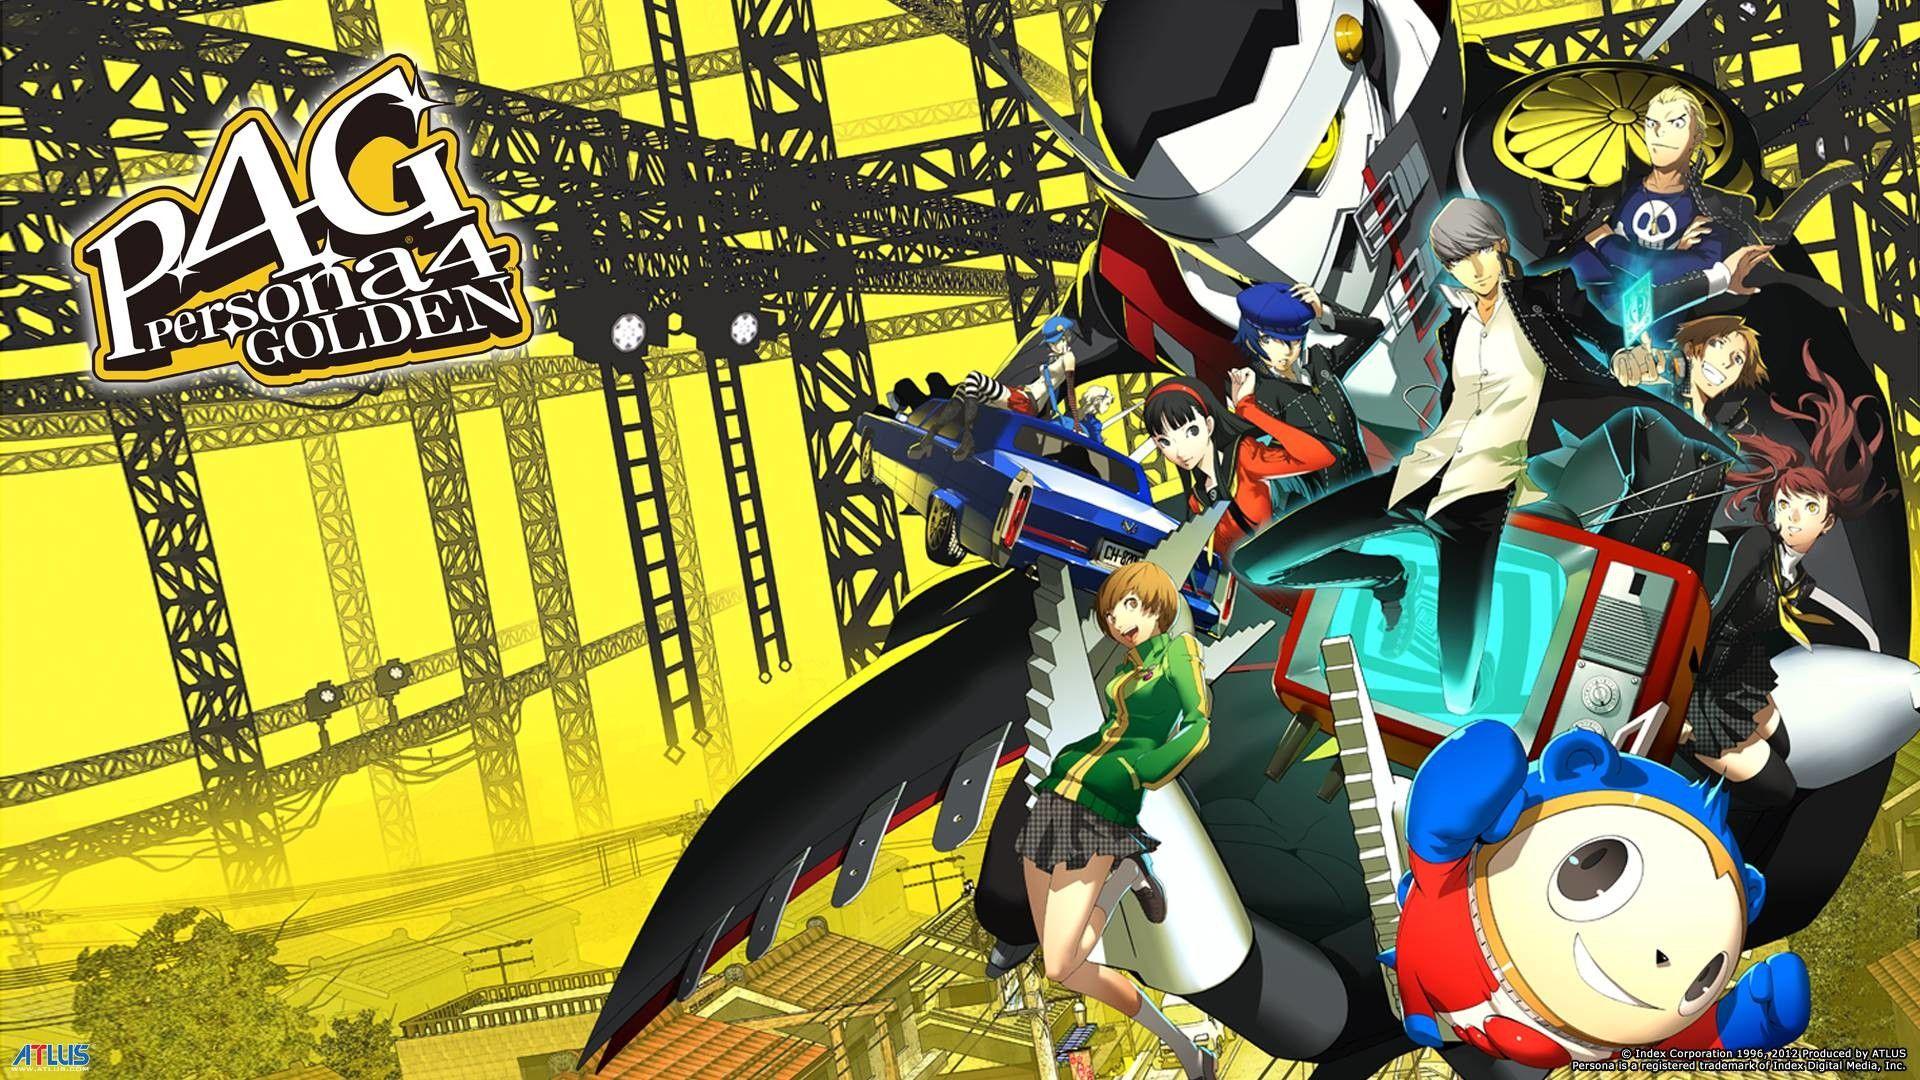 New Persona 4 Hd Wallpaper 1920x1080 For Mac Persona 4